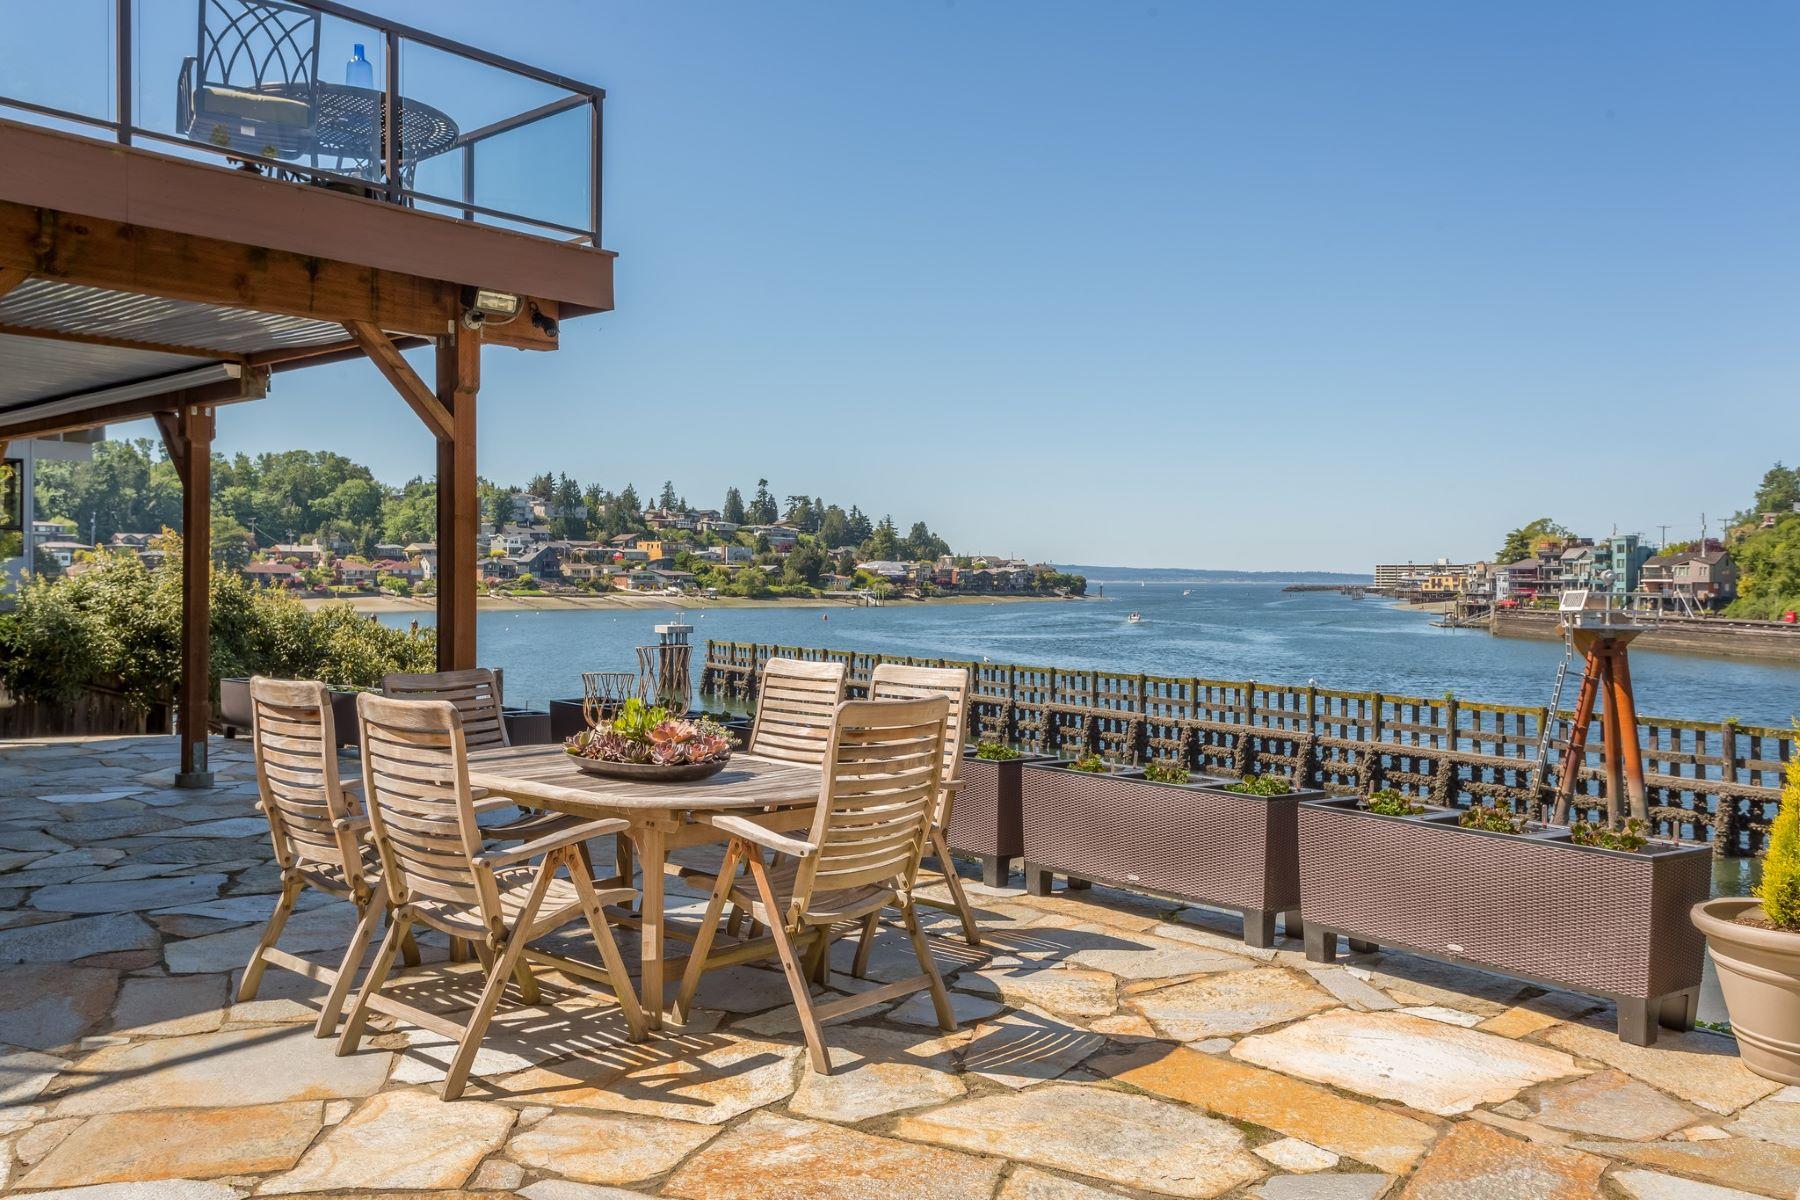 一戸建て のために 売買 アット Salmon Bay NW Contemporary 3500 W Commodore Way Magnolia, Seattle, ワシントン, 98199 アメリカ合衆国